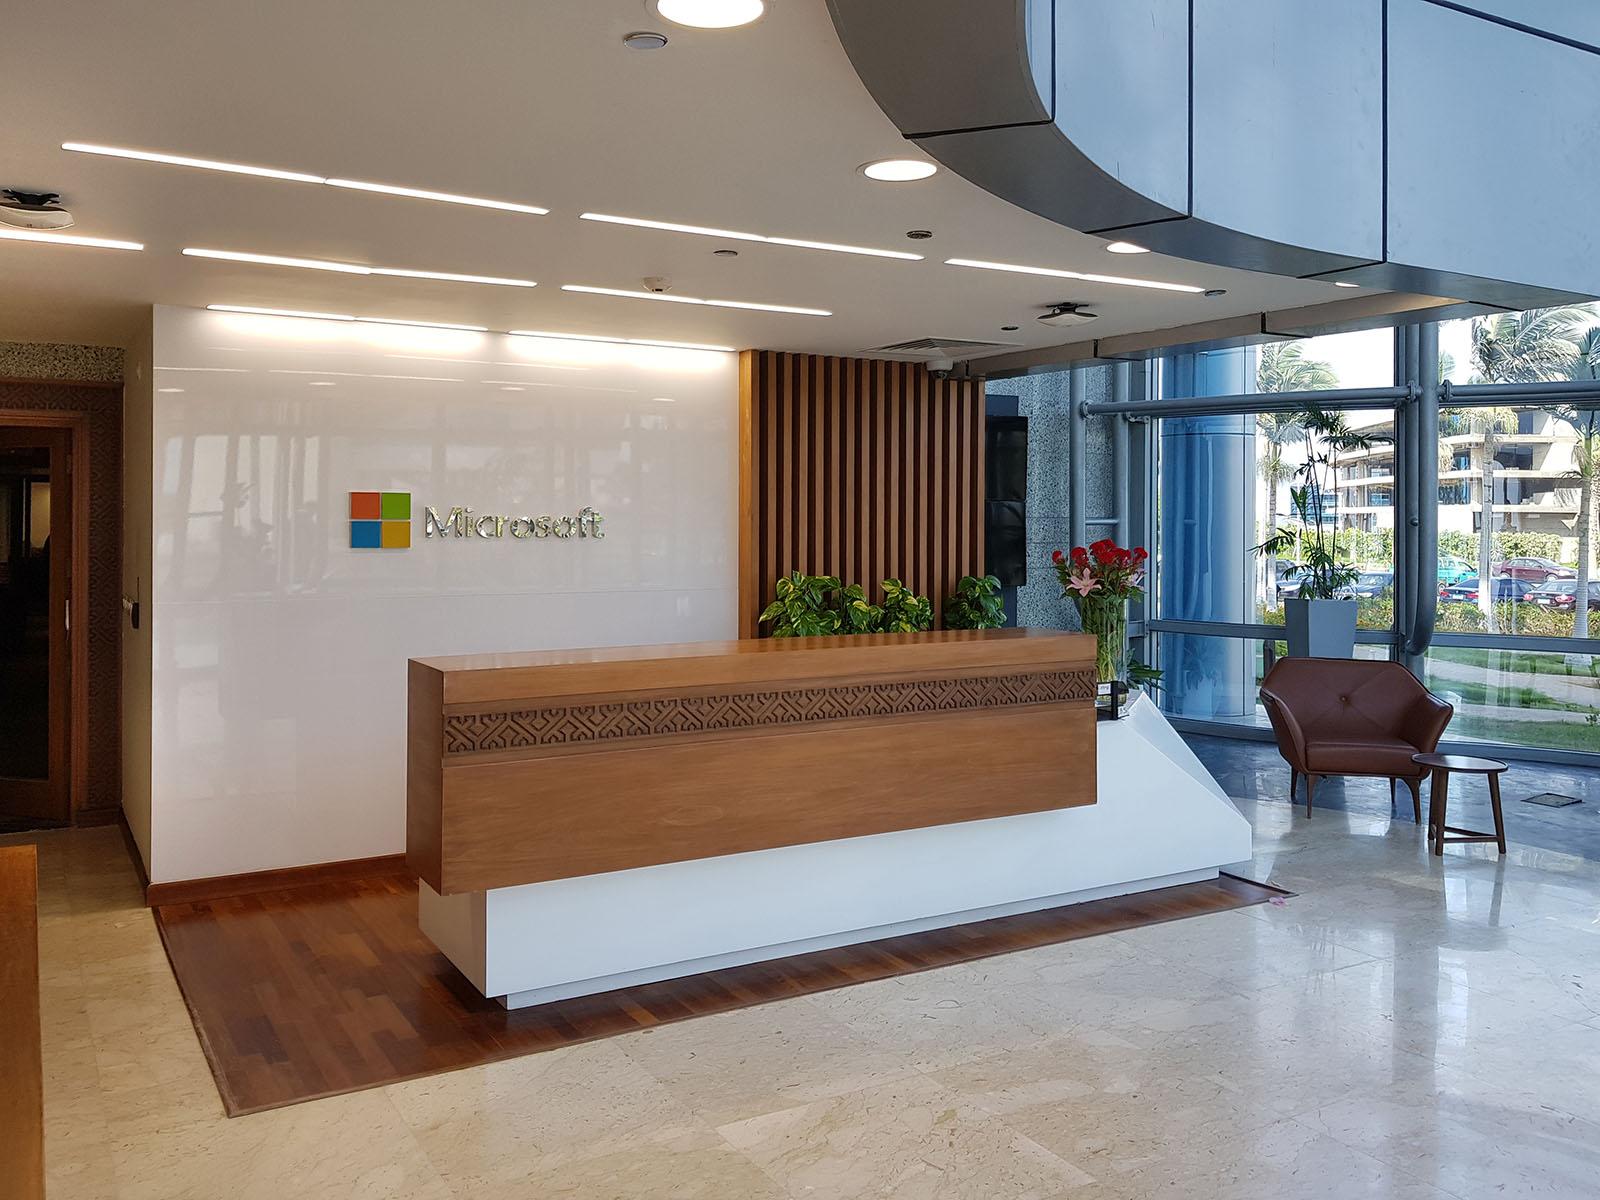 Microsoft_SV_02